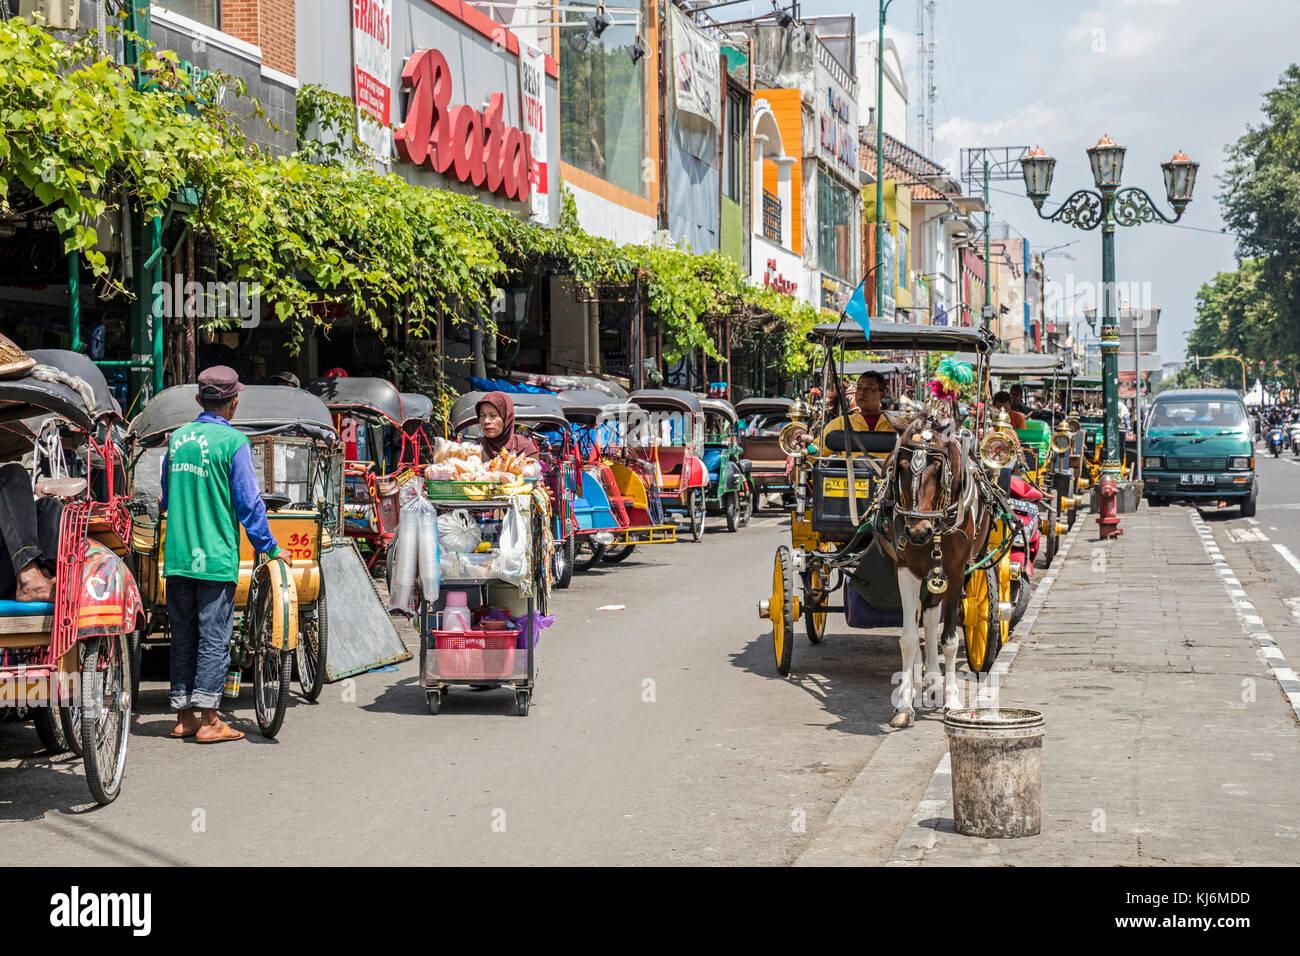 Risciò ciclo / becak e carrozze trainate da cavalli per il trasporto pubblico in Jalan Malioboro, le principali aree dello shopping street in Yogyakarta, java, INDONESIA Foto Stock